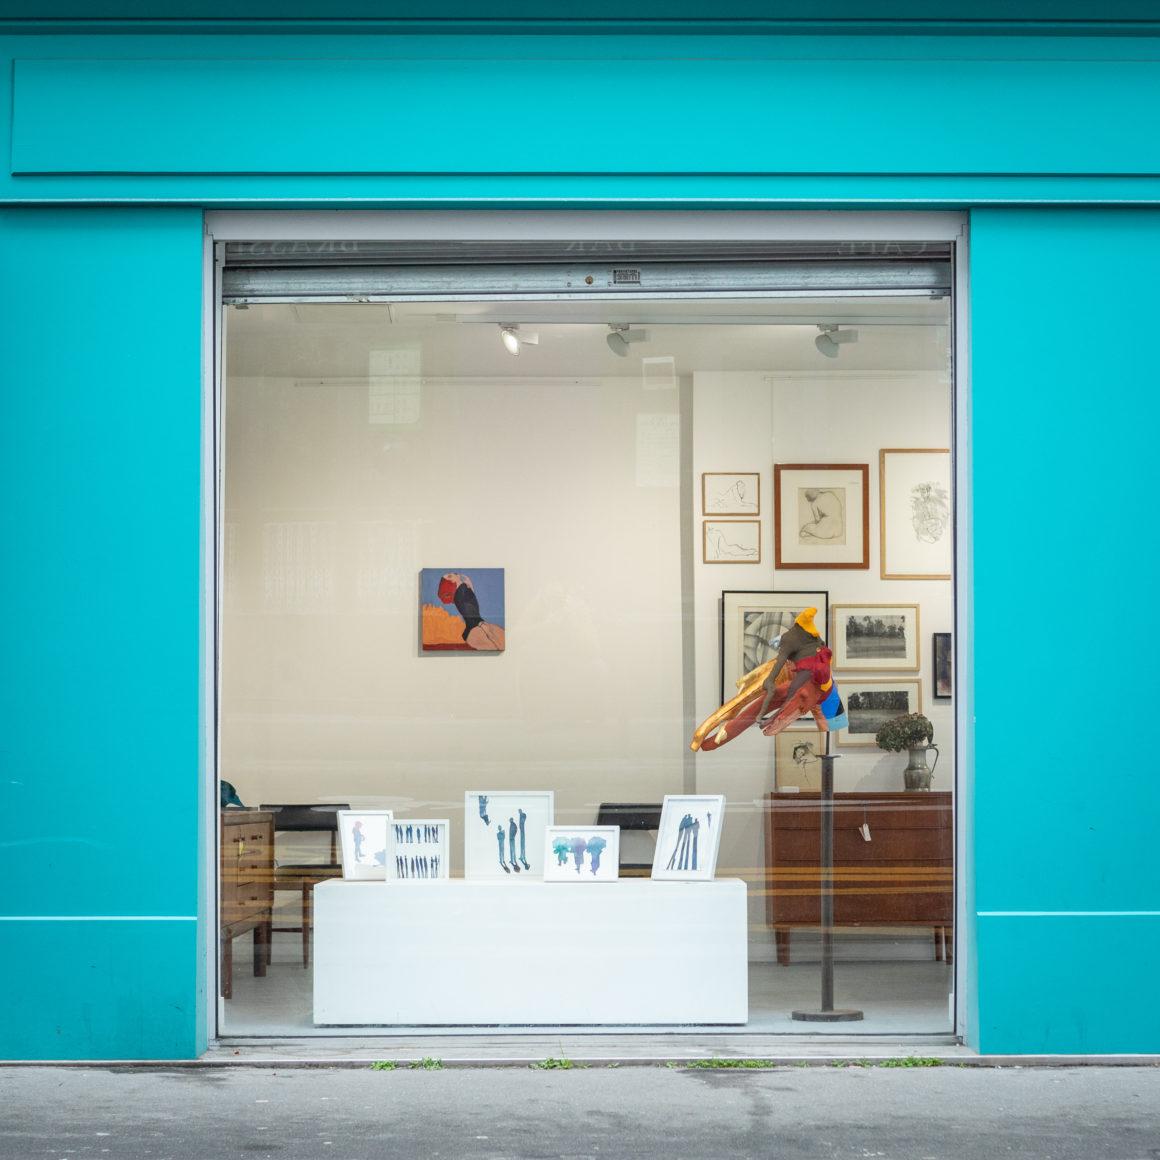 Photographie de la vitrine de la galerie Esther & Paul.